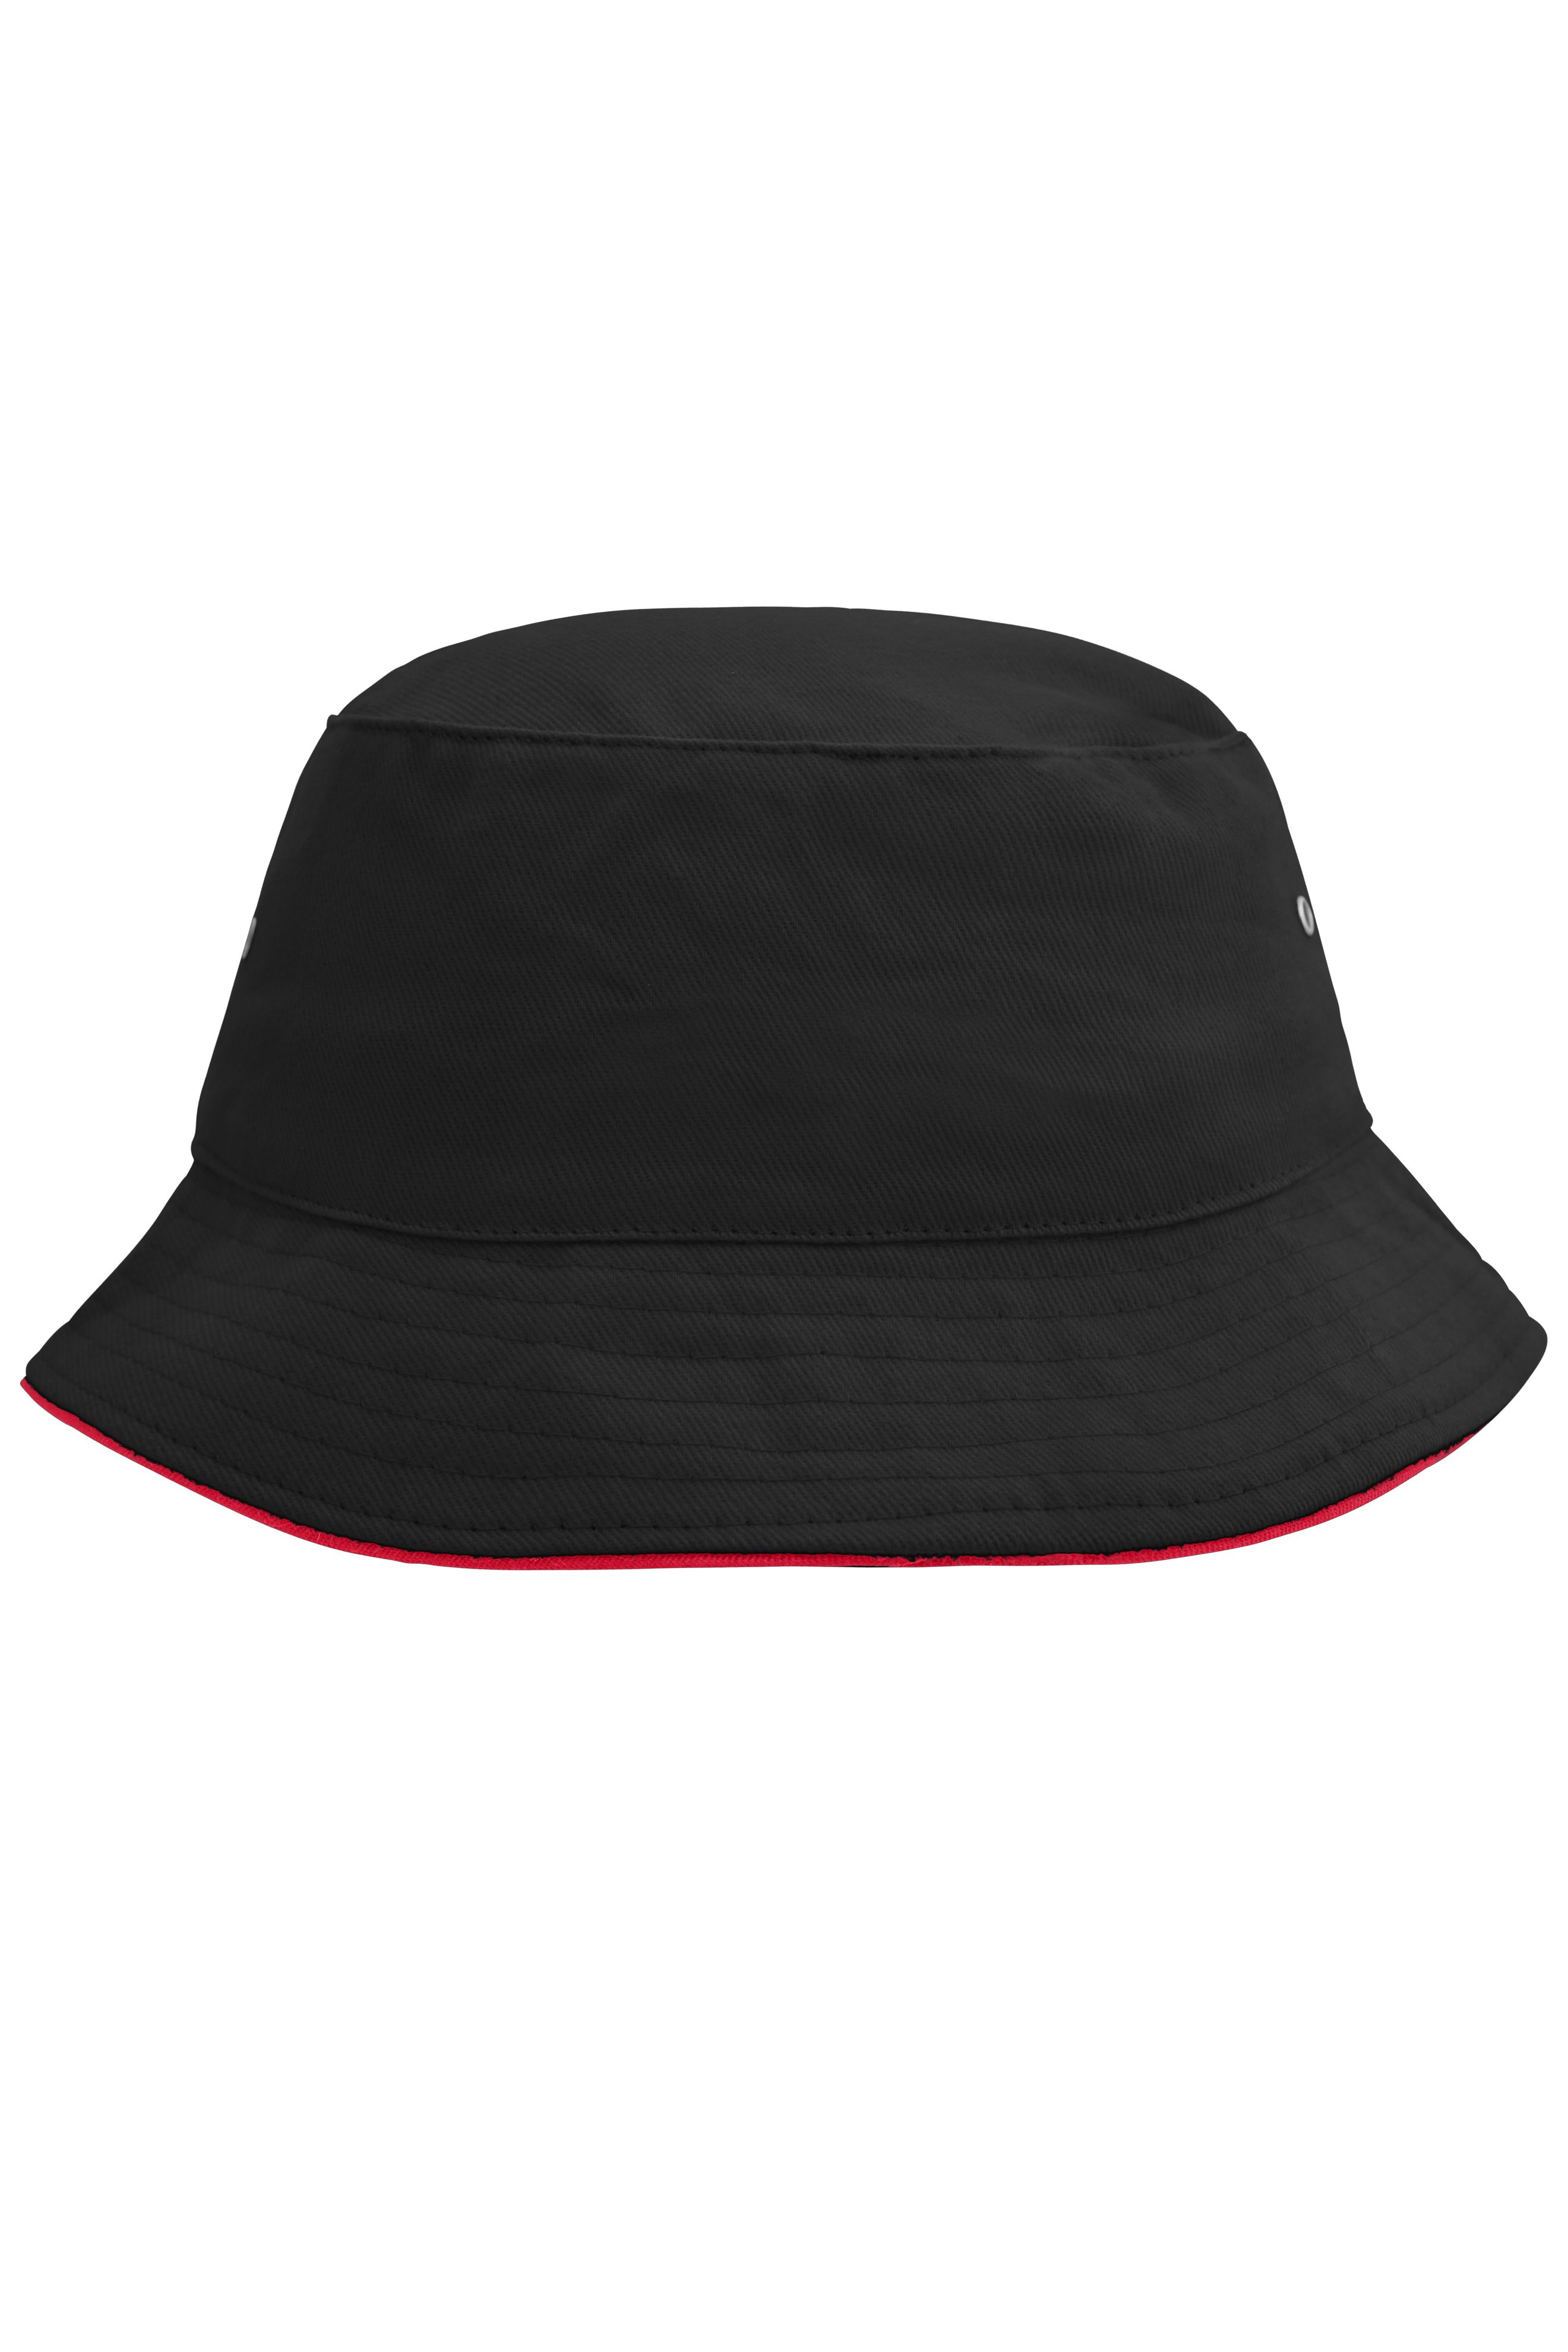 Trendiger Hut aus weicher Baumwolle